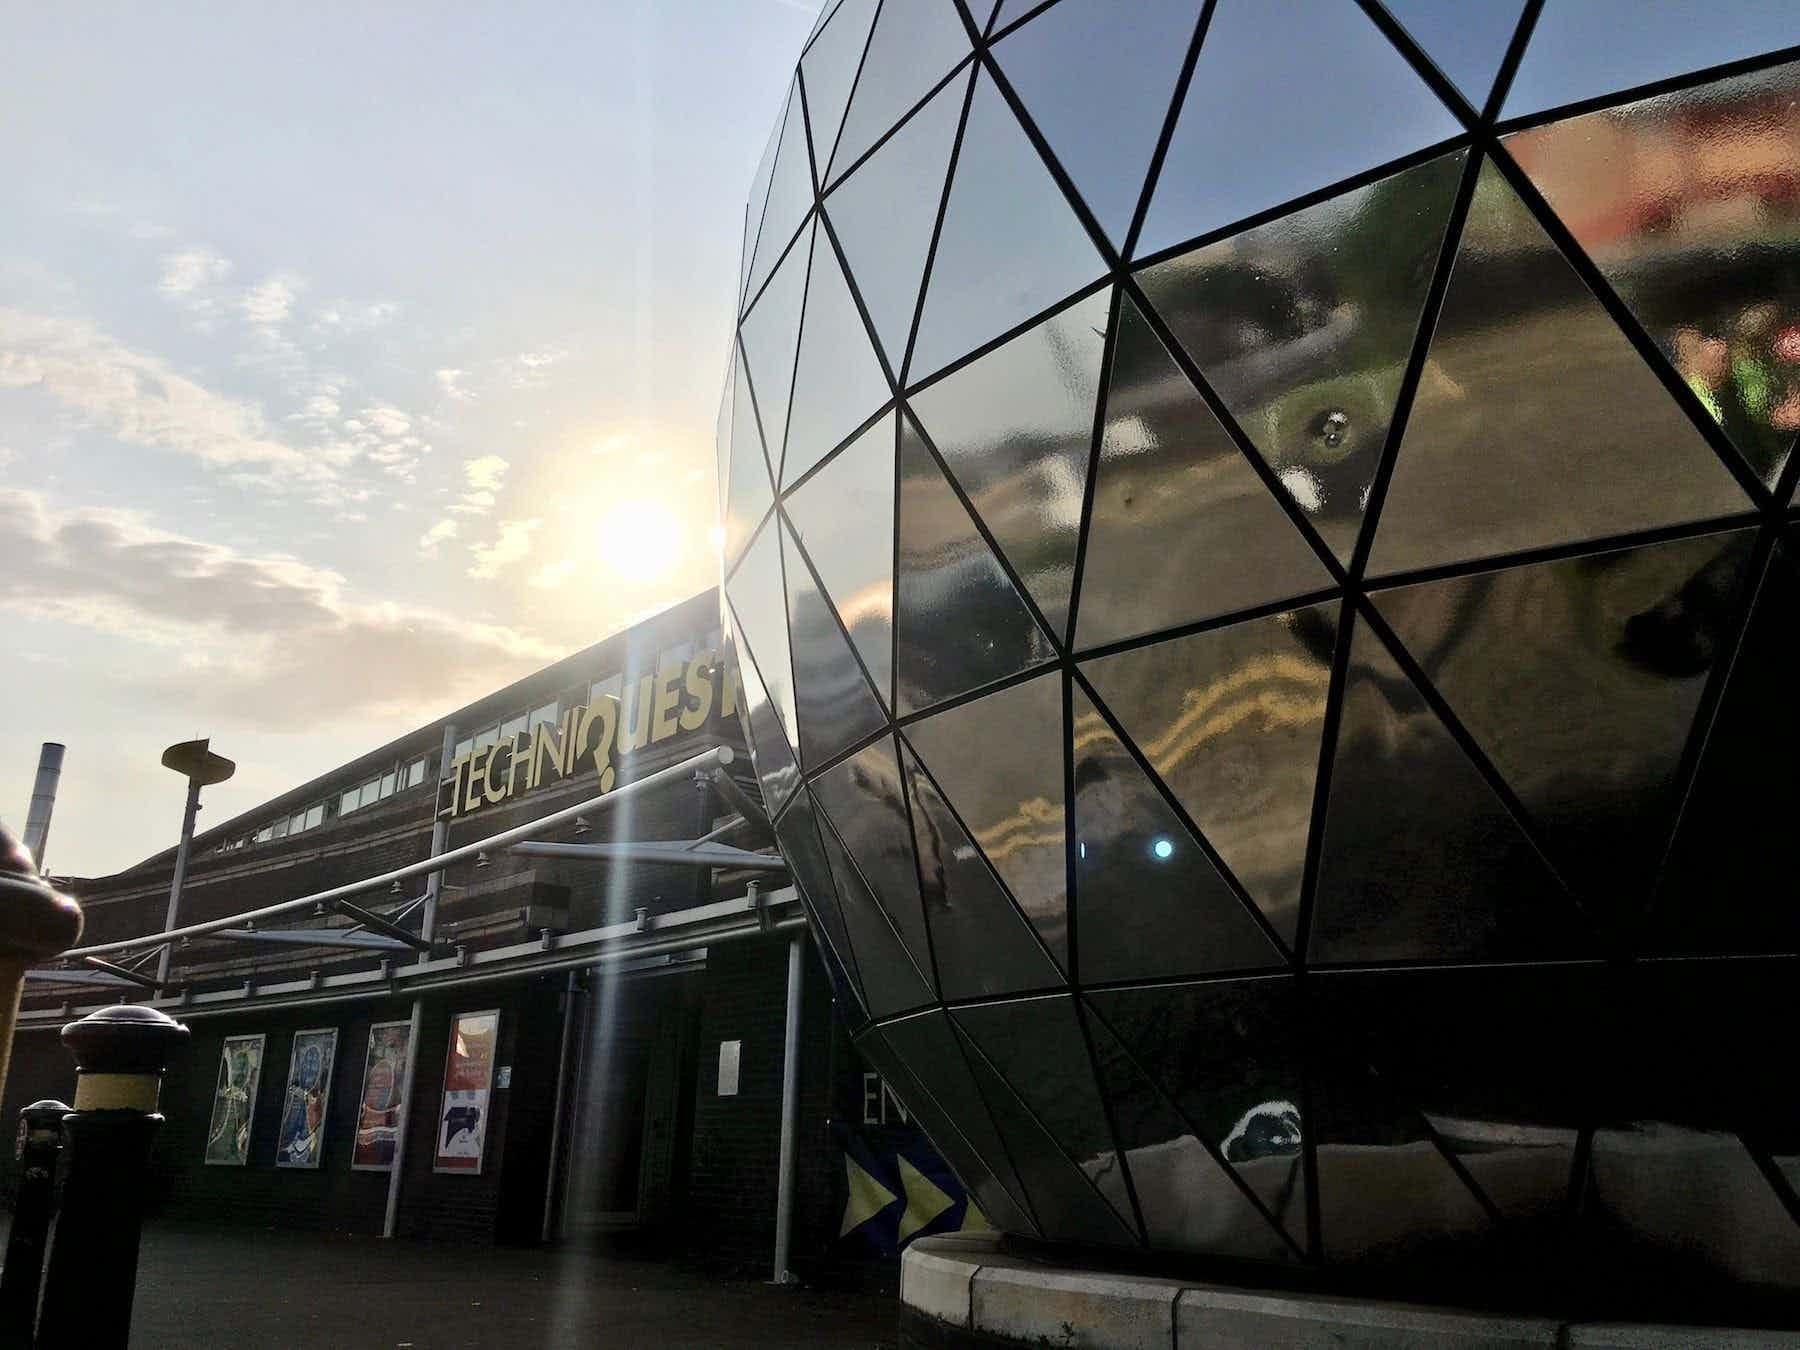 Planetarium, Techniquest Cardiff